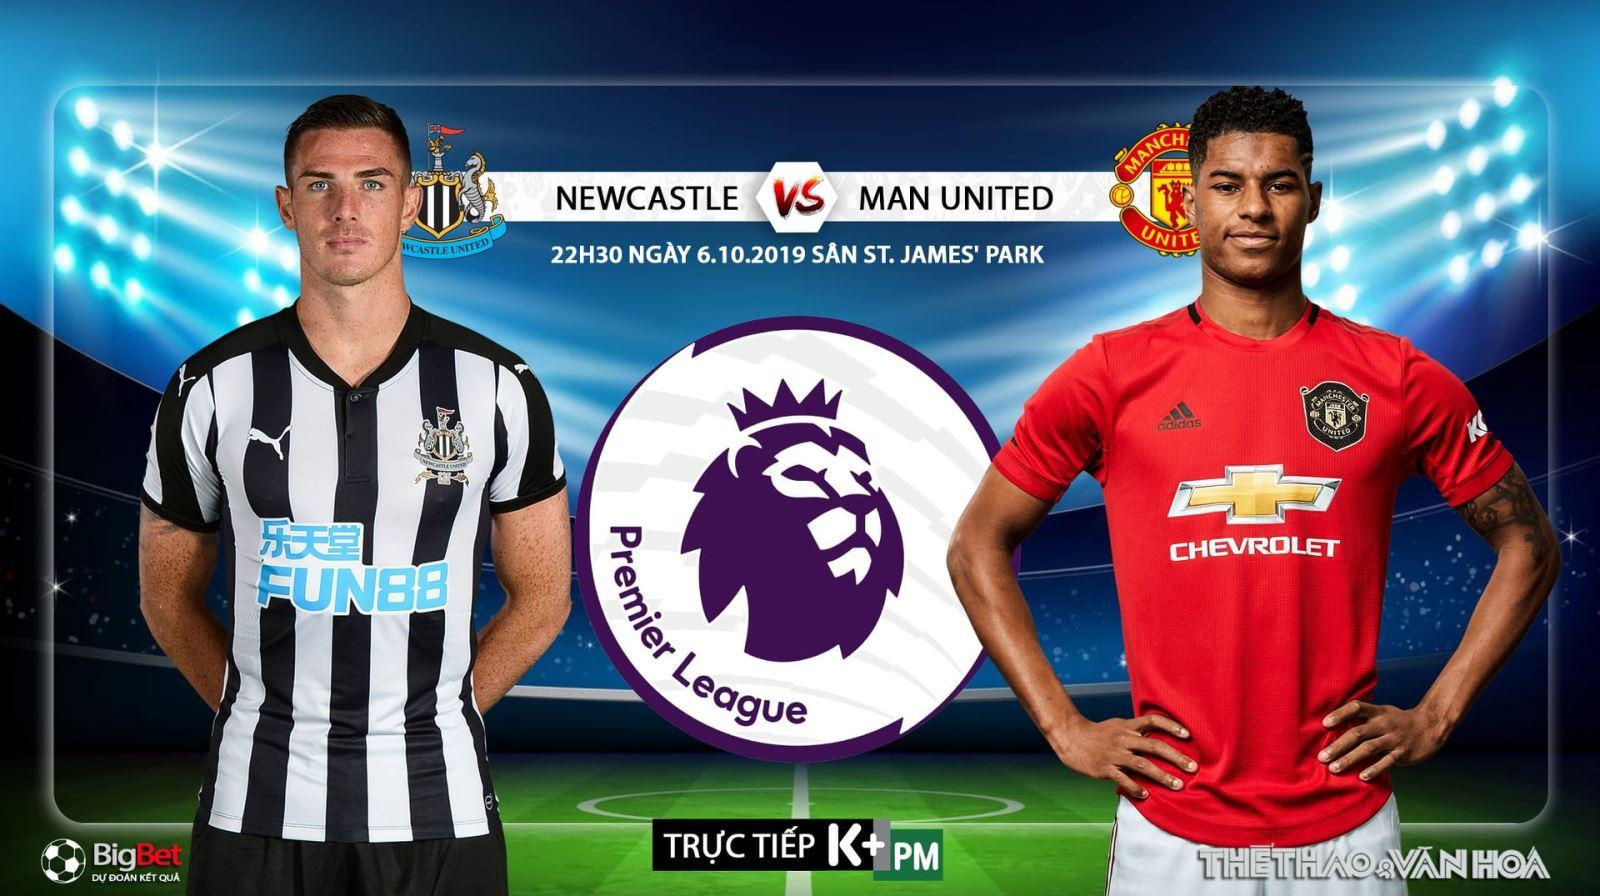 Soi kèo bóng đá: Newcastle đấu với MU, Ngoại hạng Anh. Trực tiếp K+, K+ PM